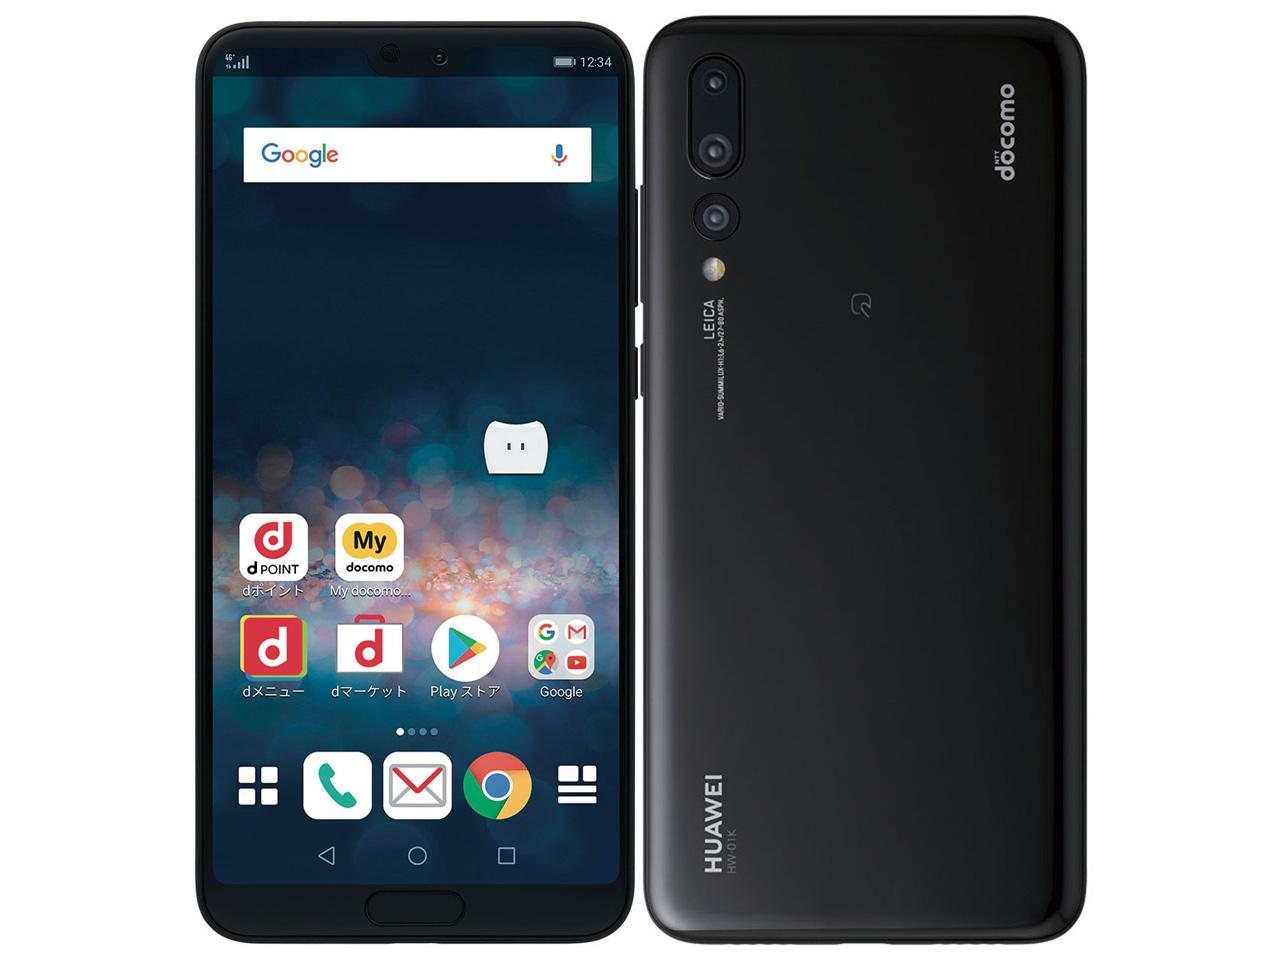 【新品・白ロム・本体】SIMロック解除済docomo HUAWEI P20 Pro HW-01K BLACK スマートフォン 携帯電話 HW-01K hw-01k ブラック hw-01k